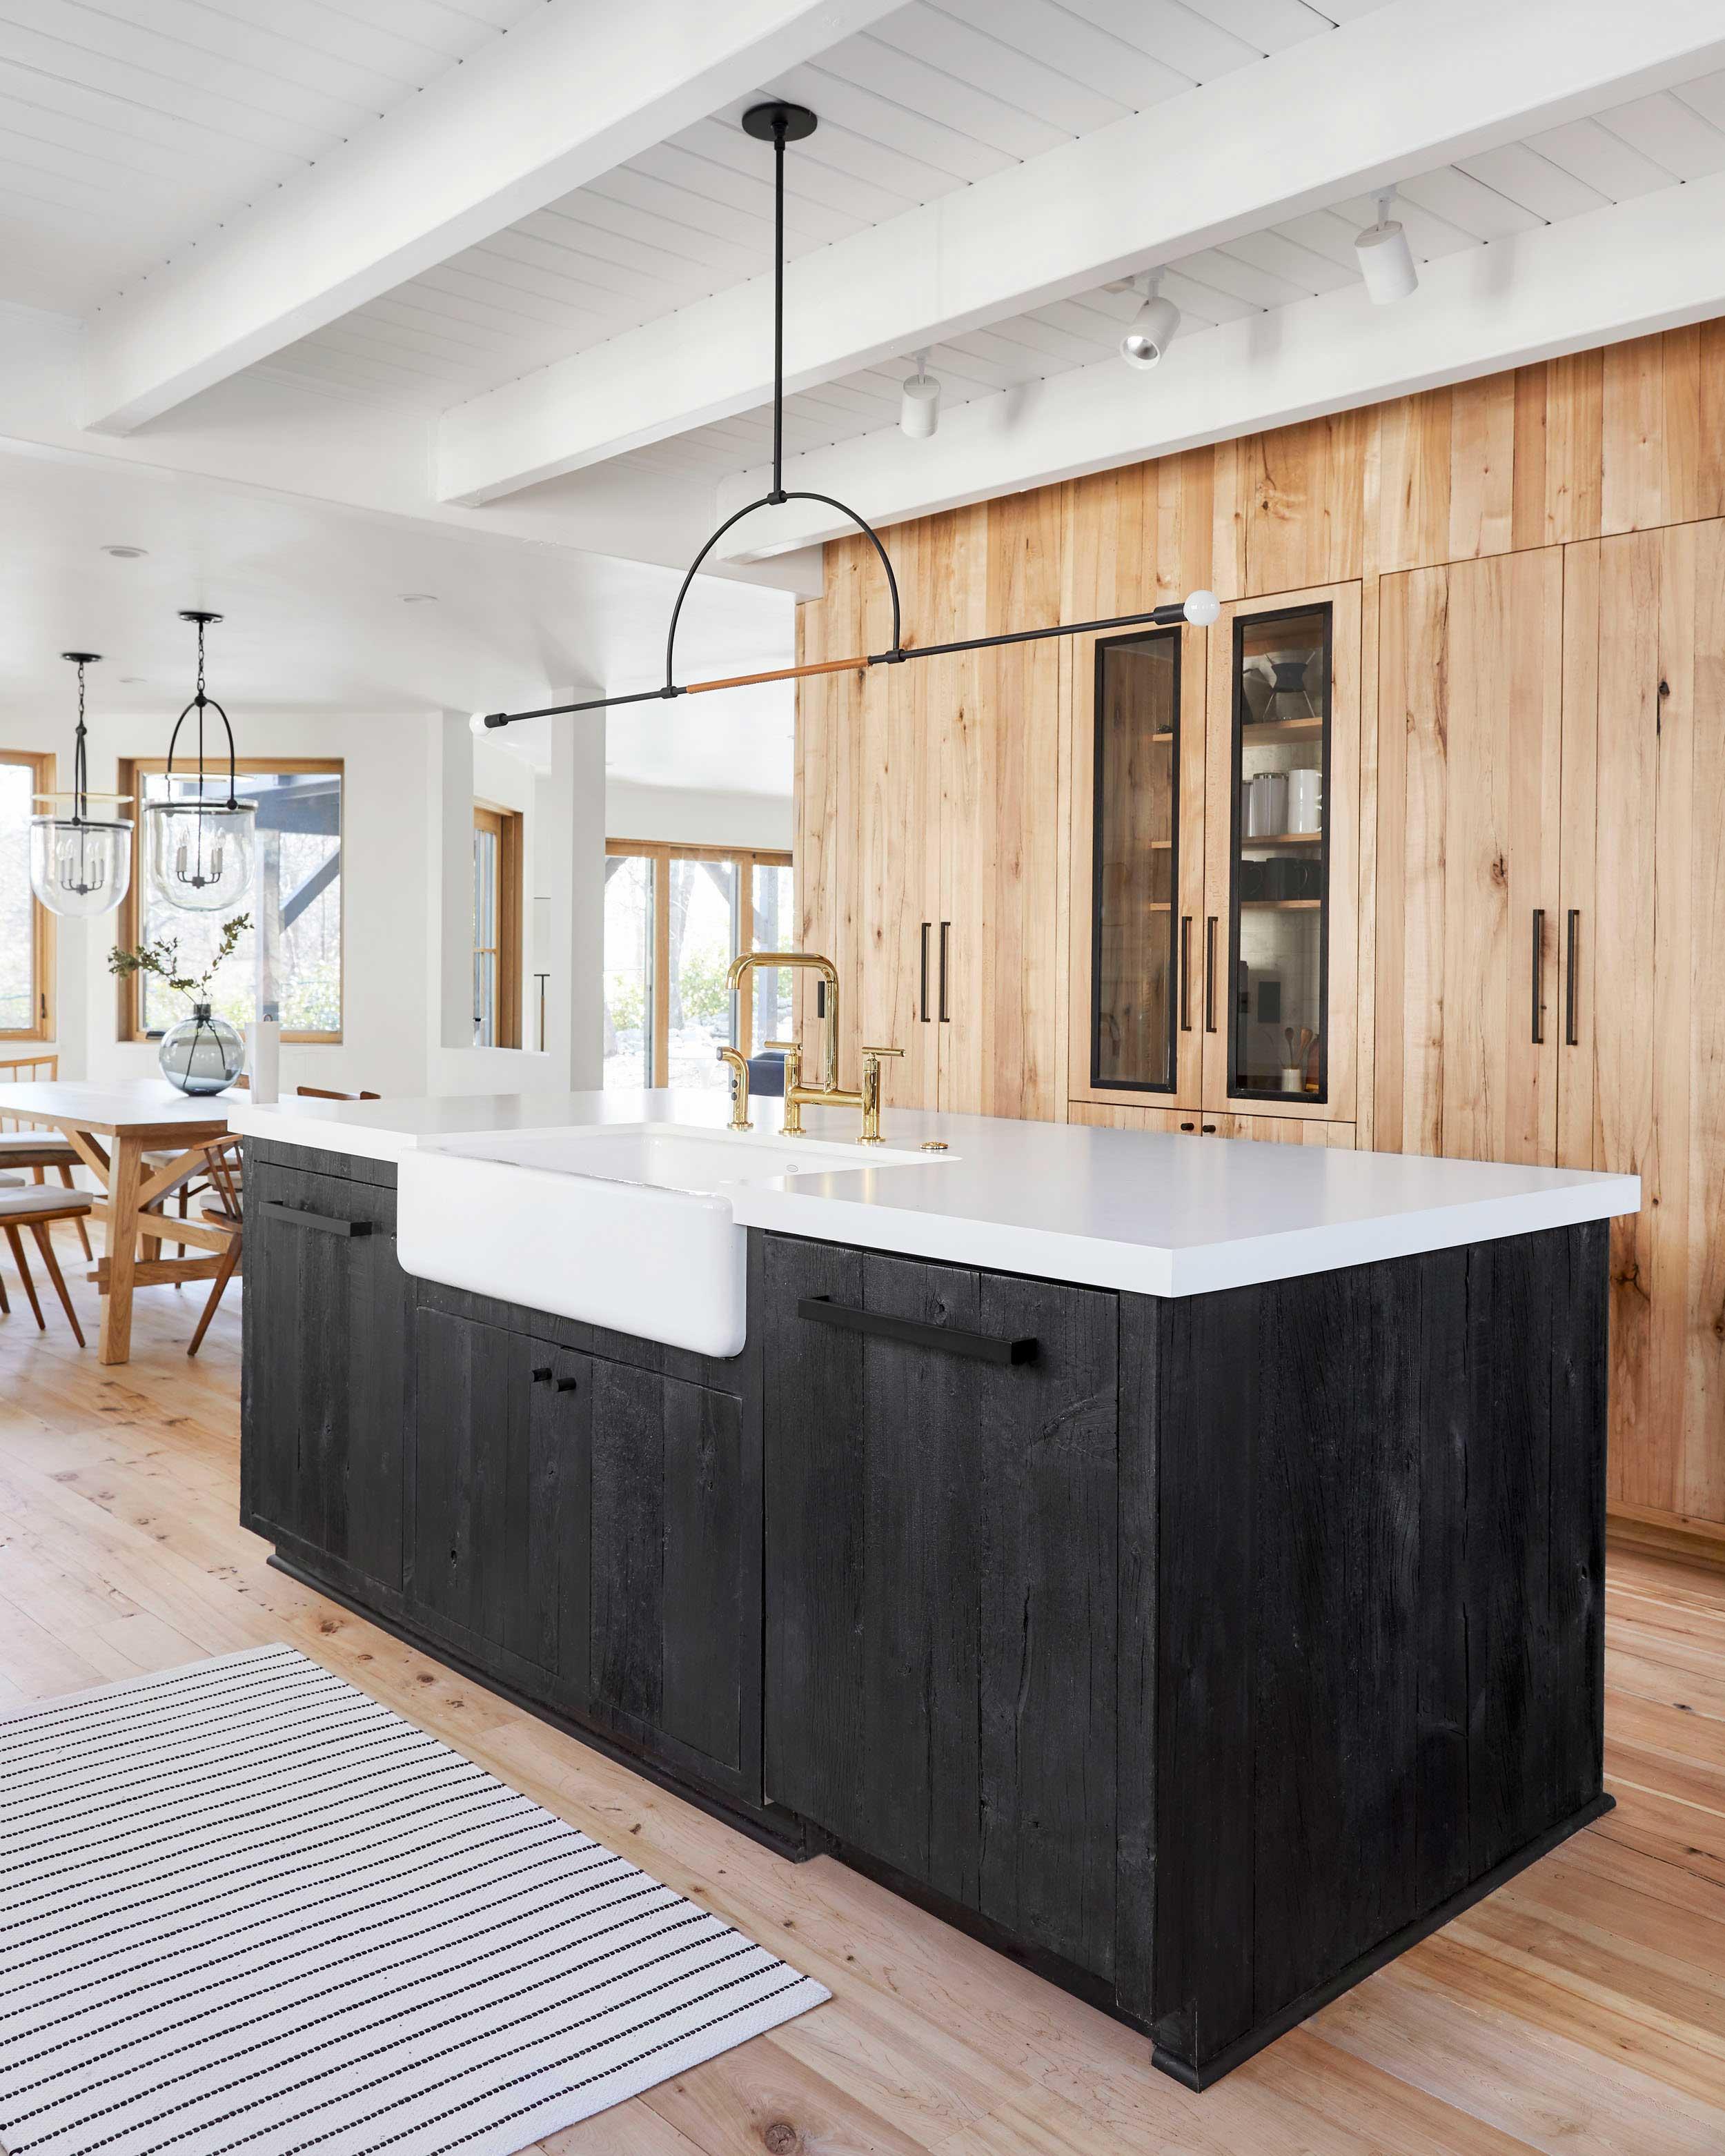 Featured Design: White Cliff Matte Kitchen Design: Emily Henderson  link